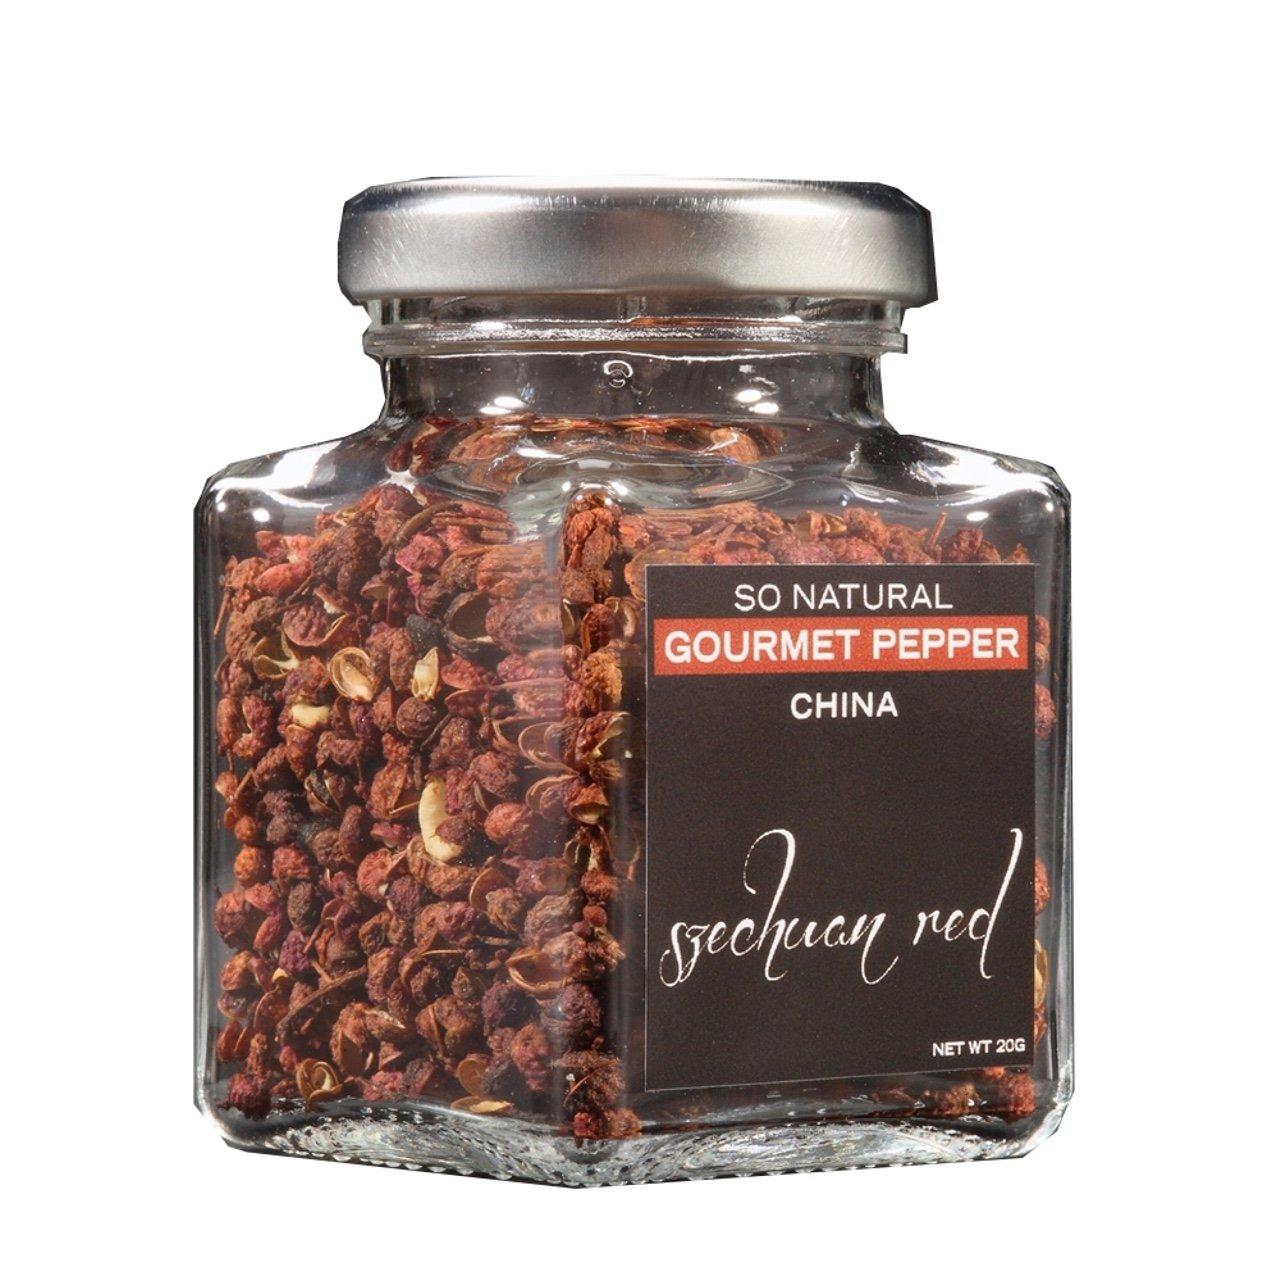 So Natural Gourmet Red Szechuan Gourmet Pepper 30g in Glass Jar